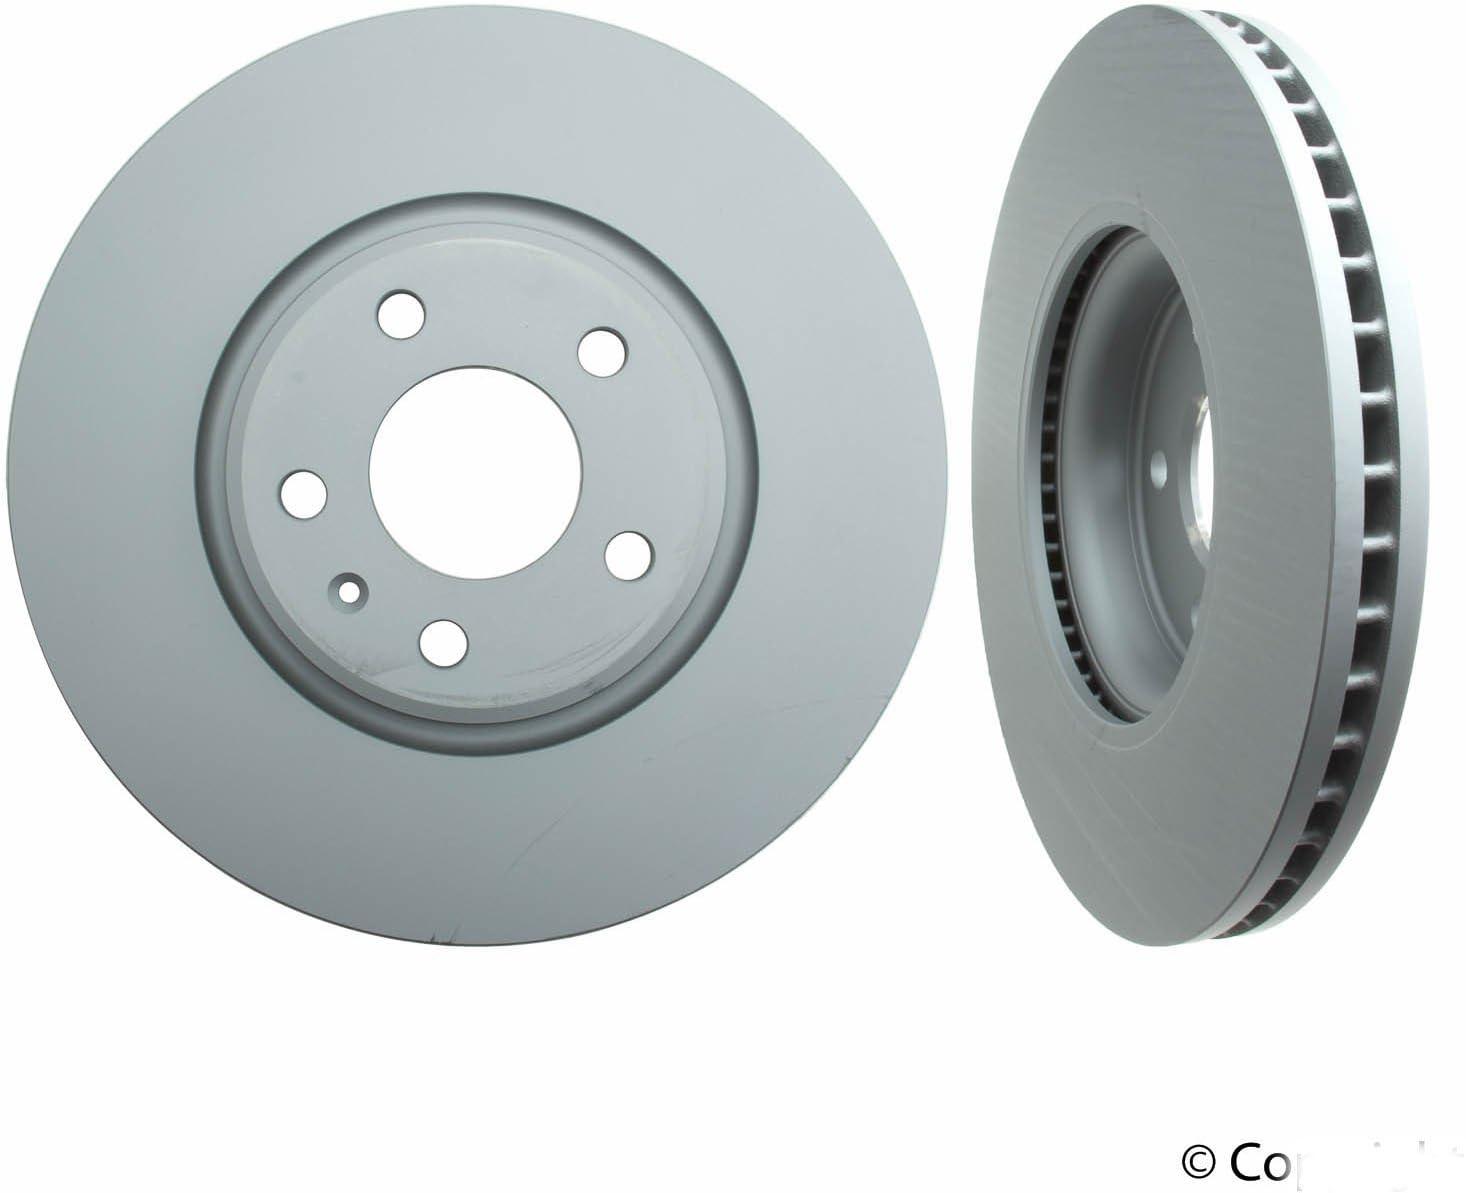 2013 Audi Q5 Coated Disc Brake Rotors and Ceramic Pads Rear